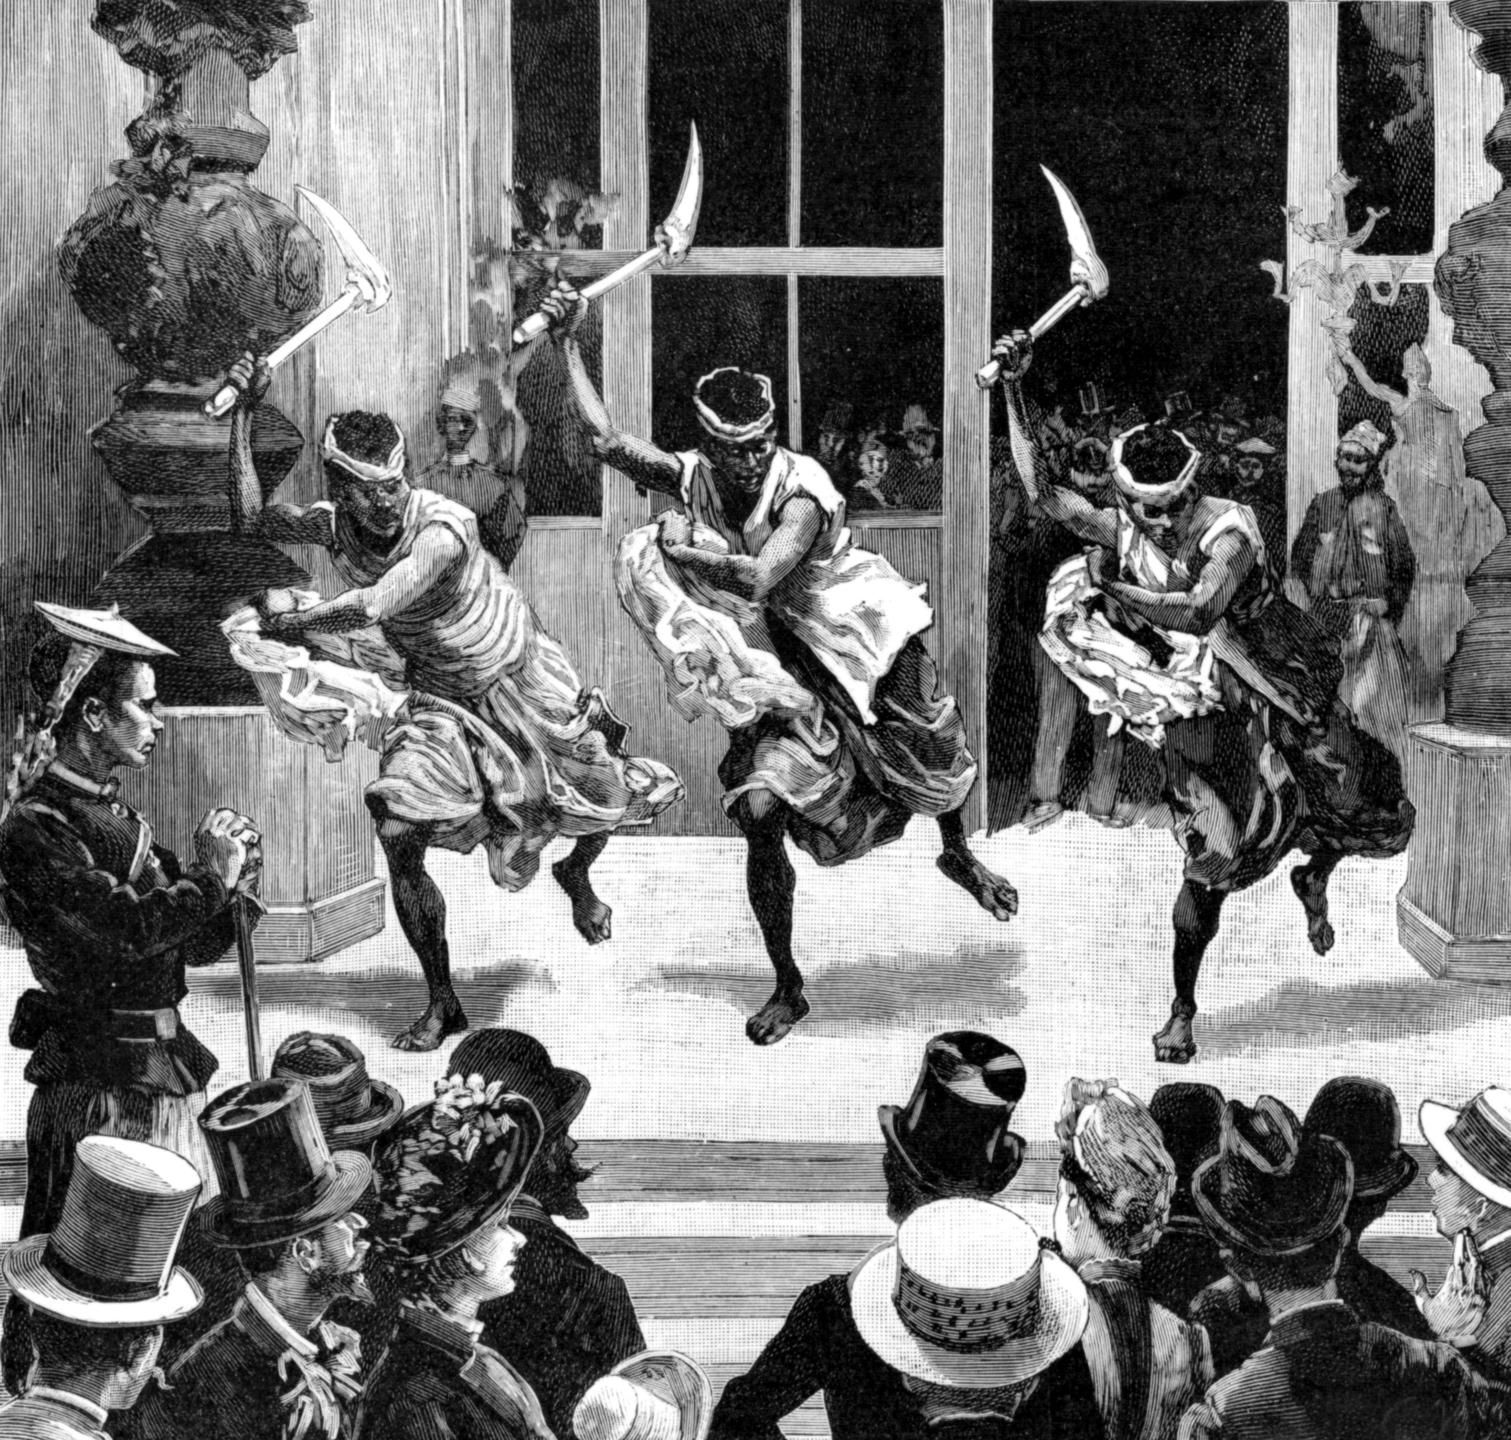 Danse kanake, Exposition universelle de 1889, Paris